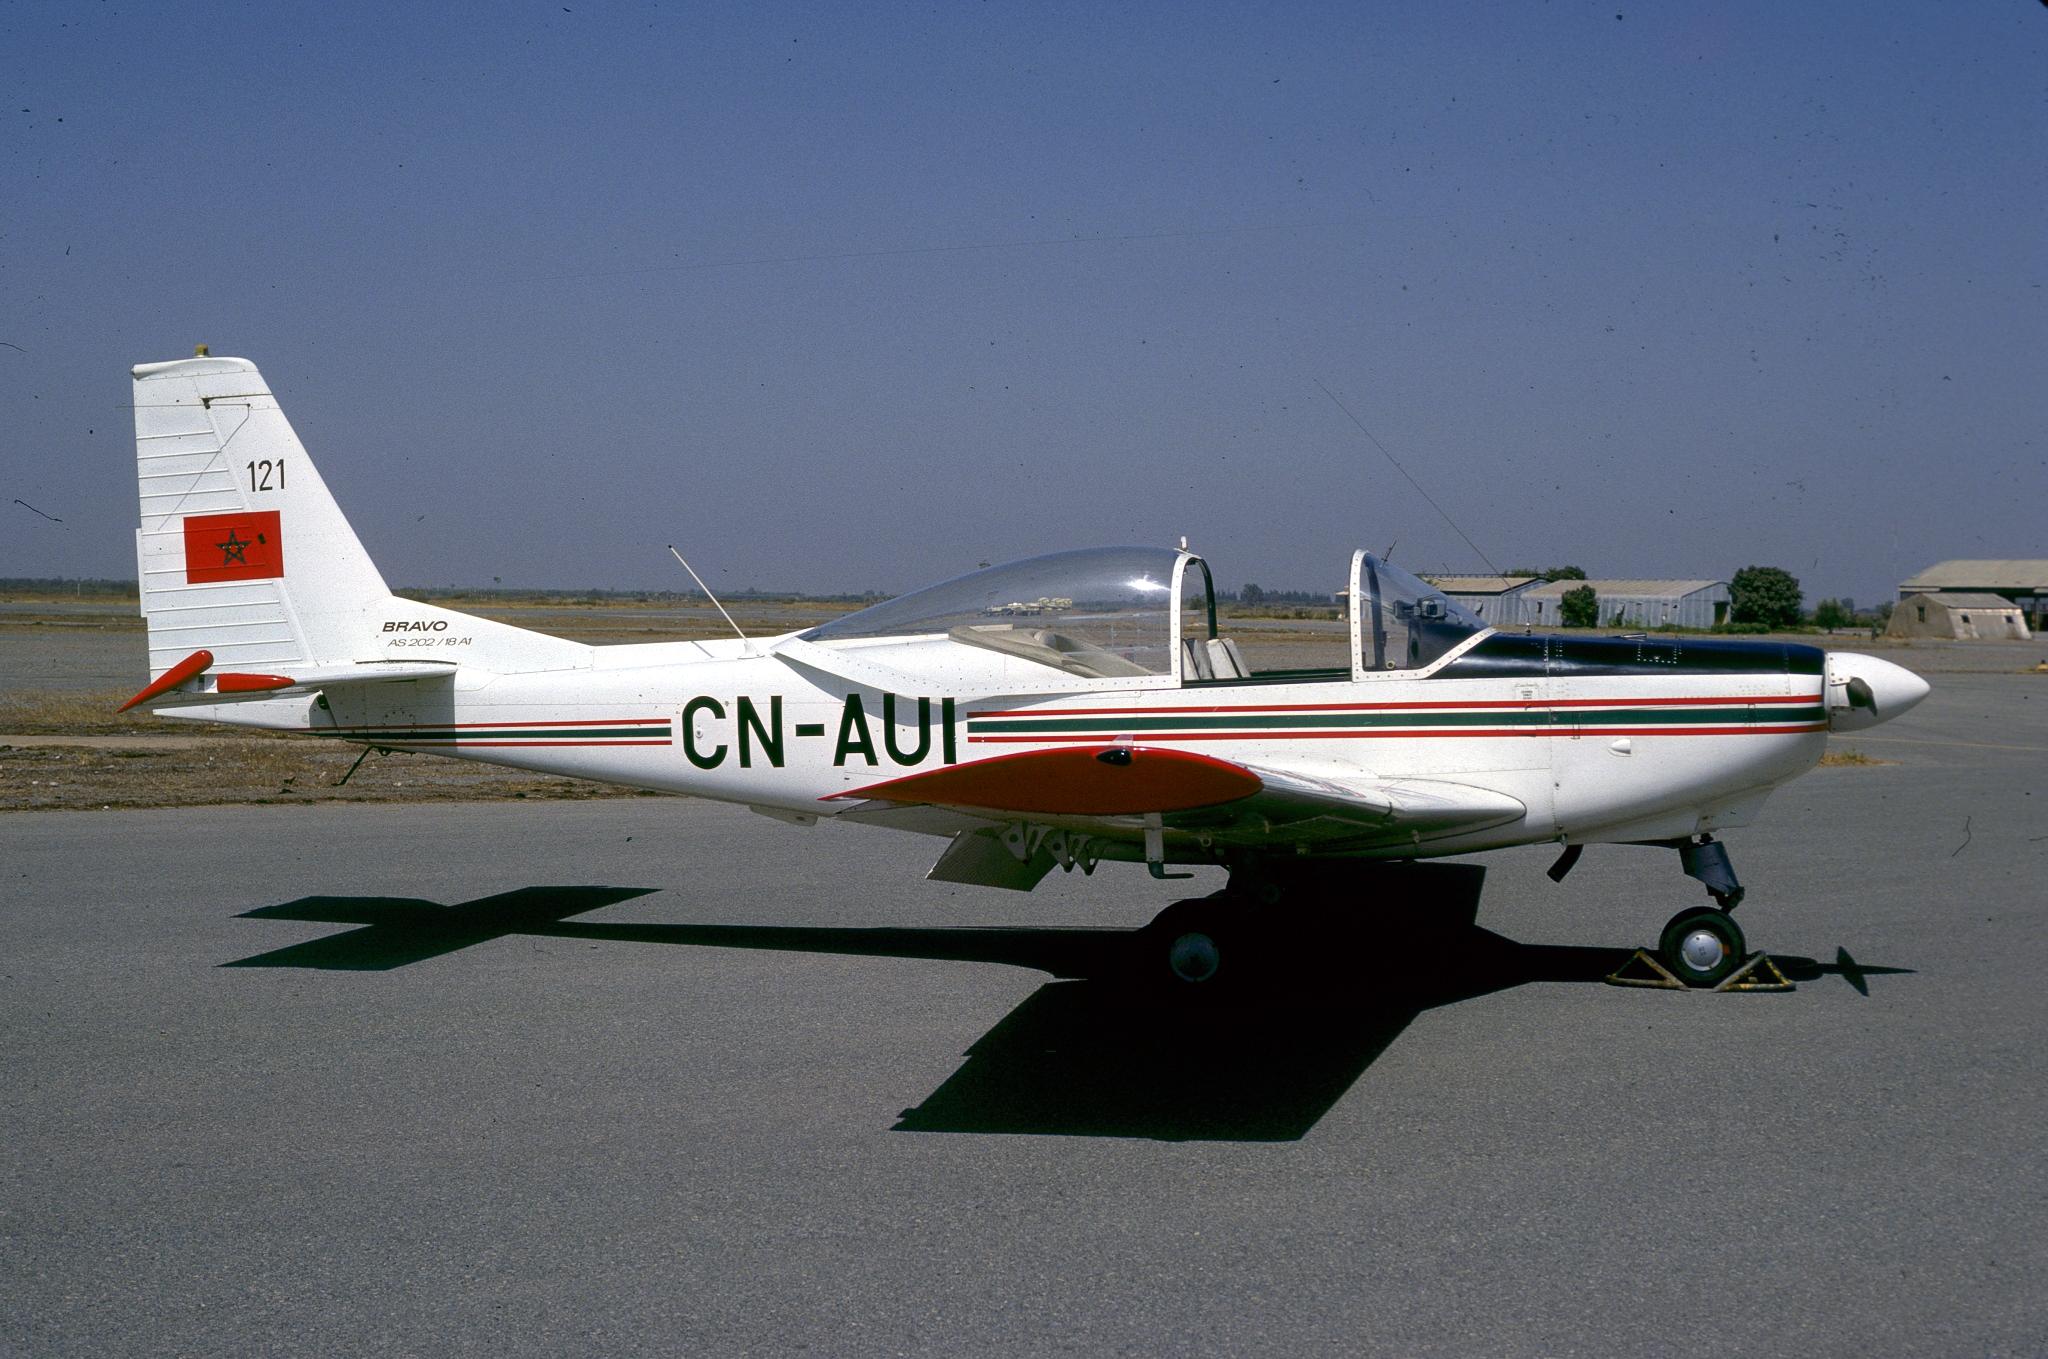 FRA: Photos avions d'entrainement et anti insurrection - Page 8 160119021340164952